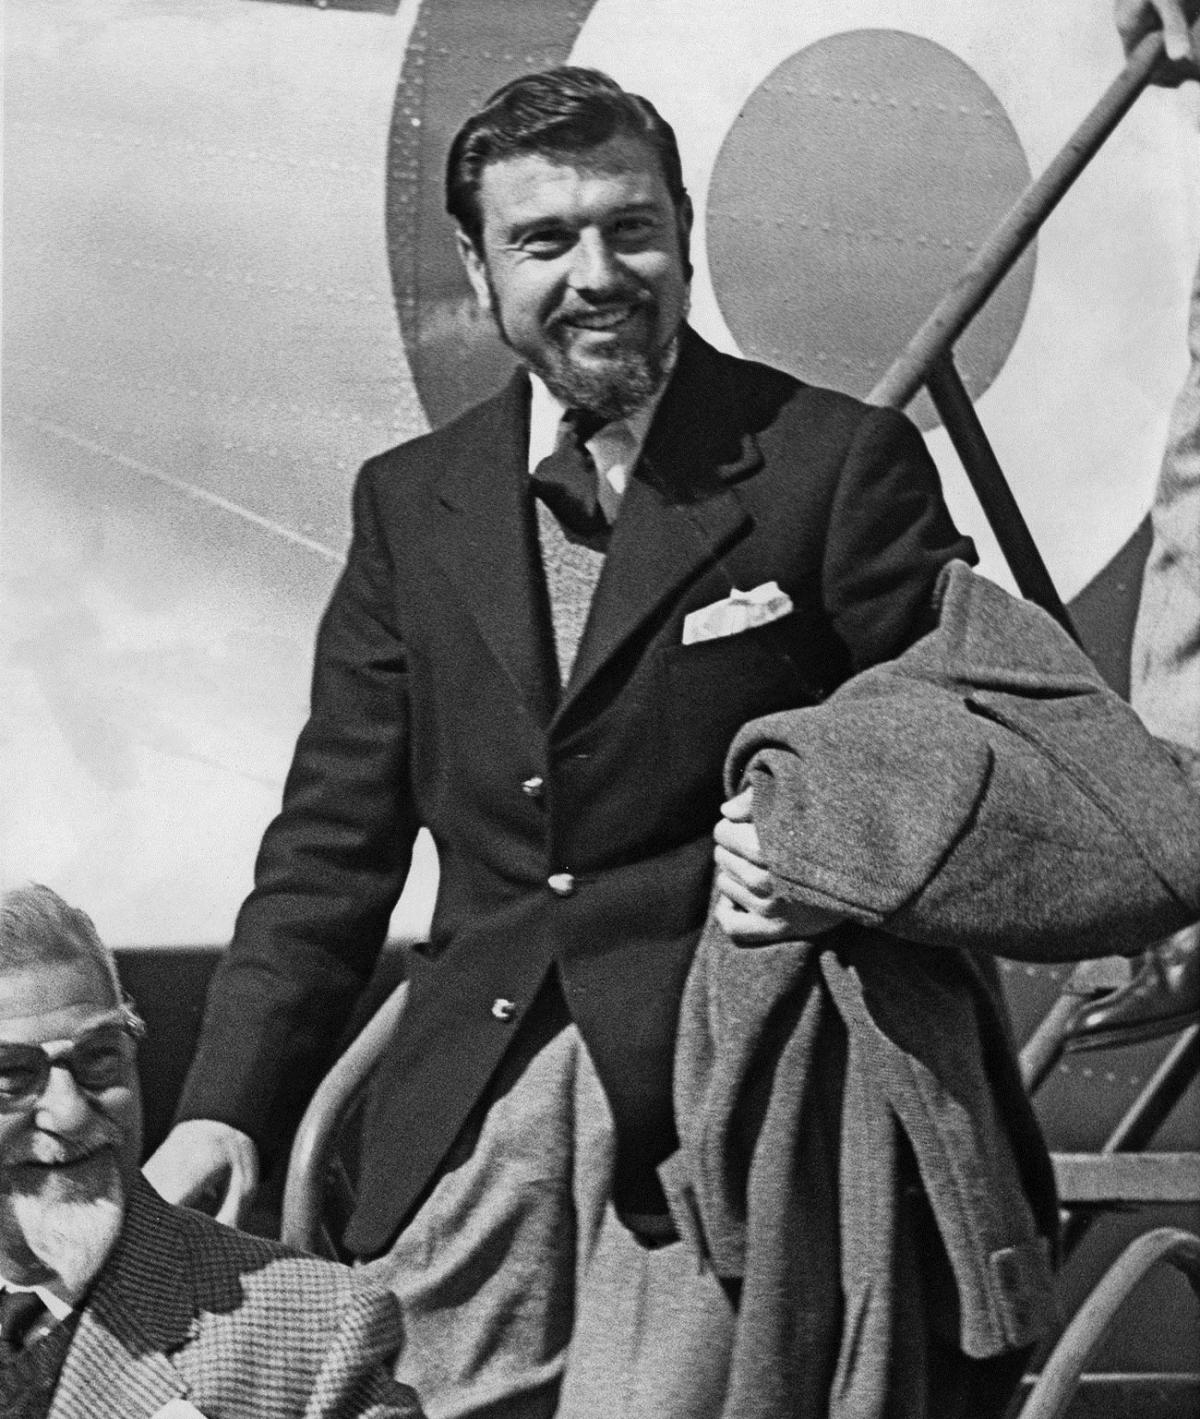 Điệp viên Blake lúc trở về tới sân bay ở Anh sau khi được phóng thích (khỏi Triều Tiên) vào tháng 4/1953. Ảnh: Getty.